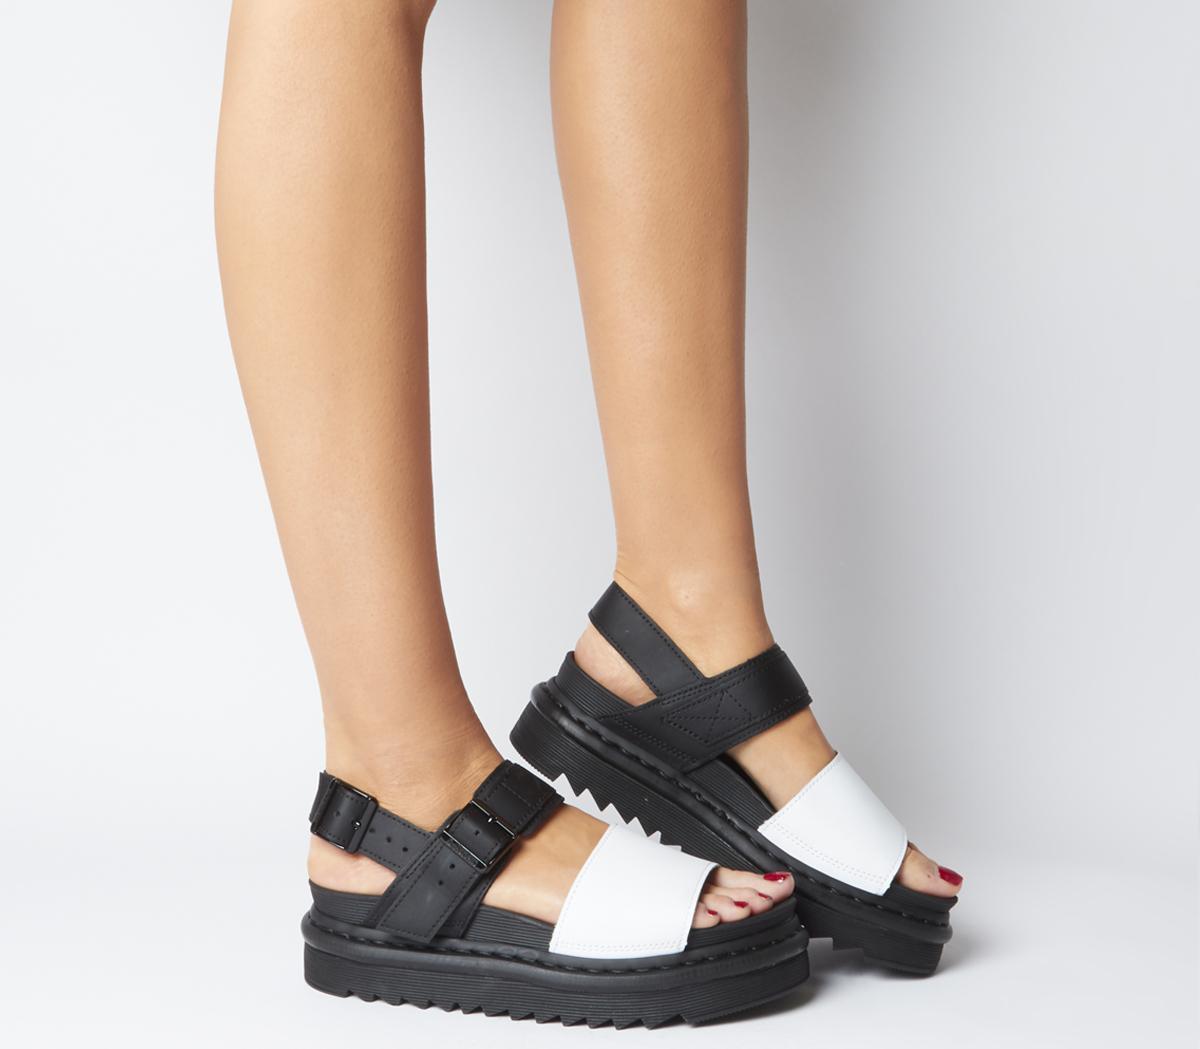 Voss Sandals